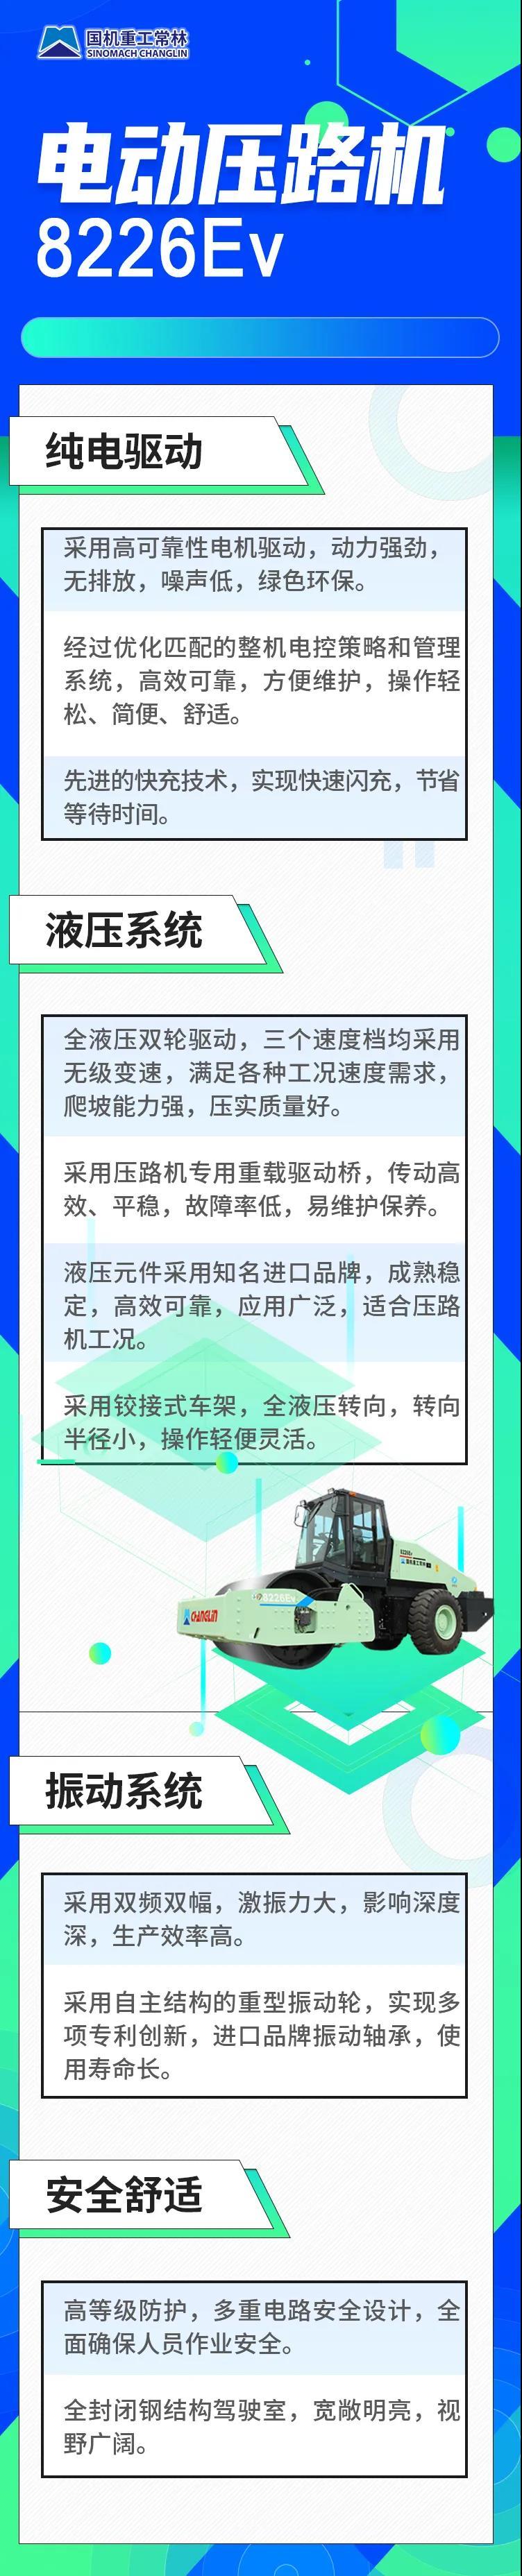 常林纯电动压路机8226Ev国内首发